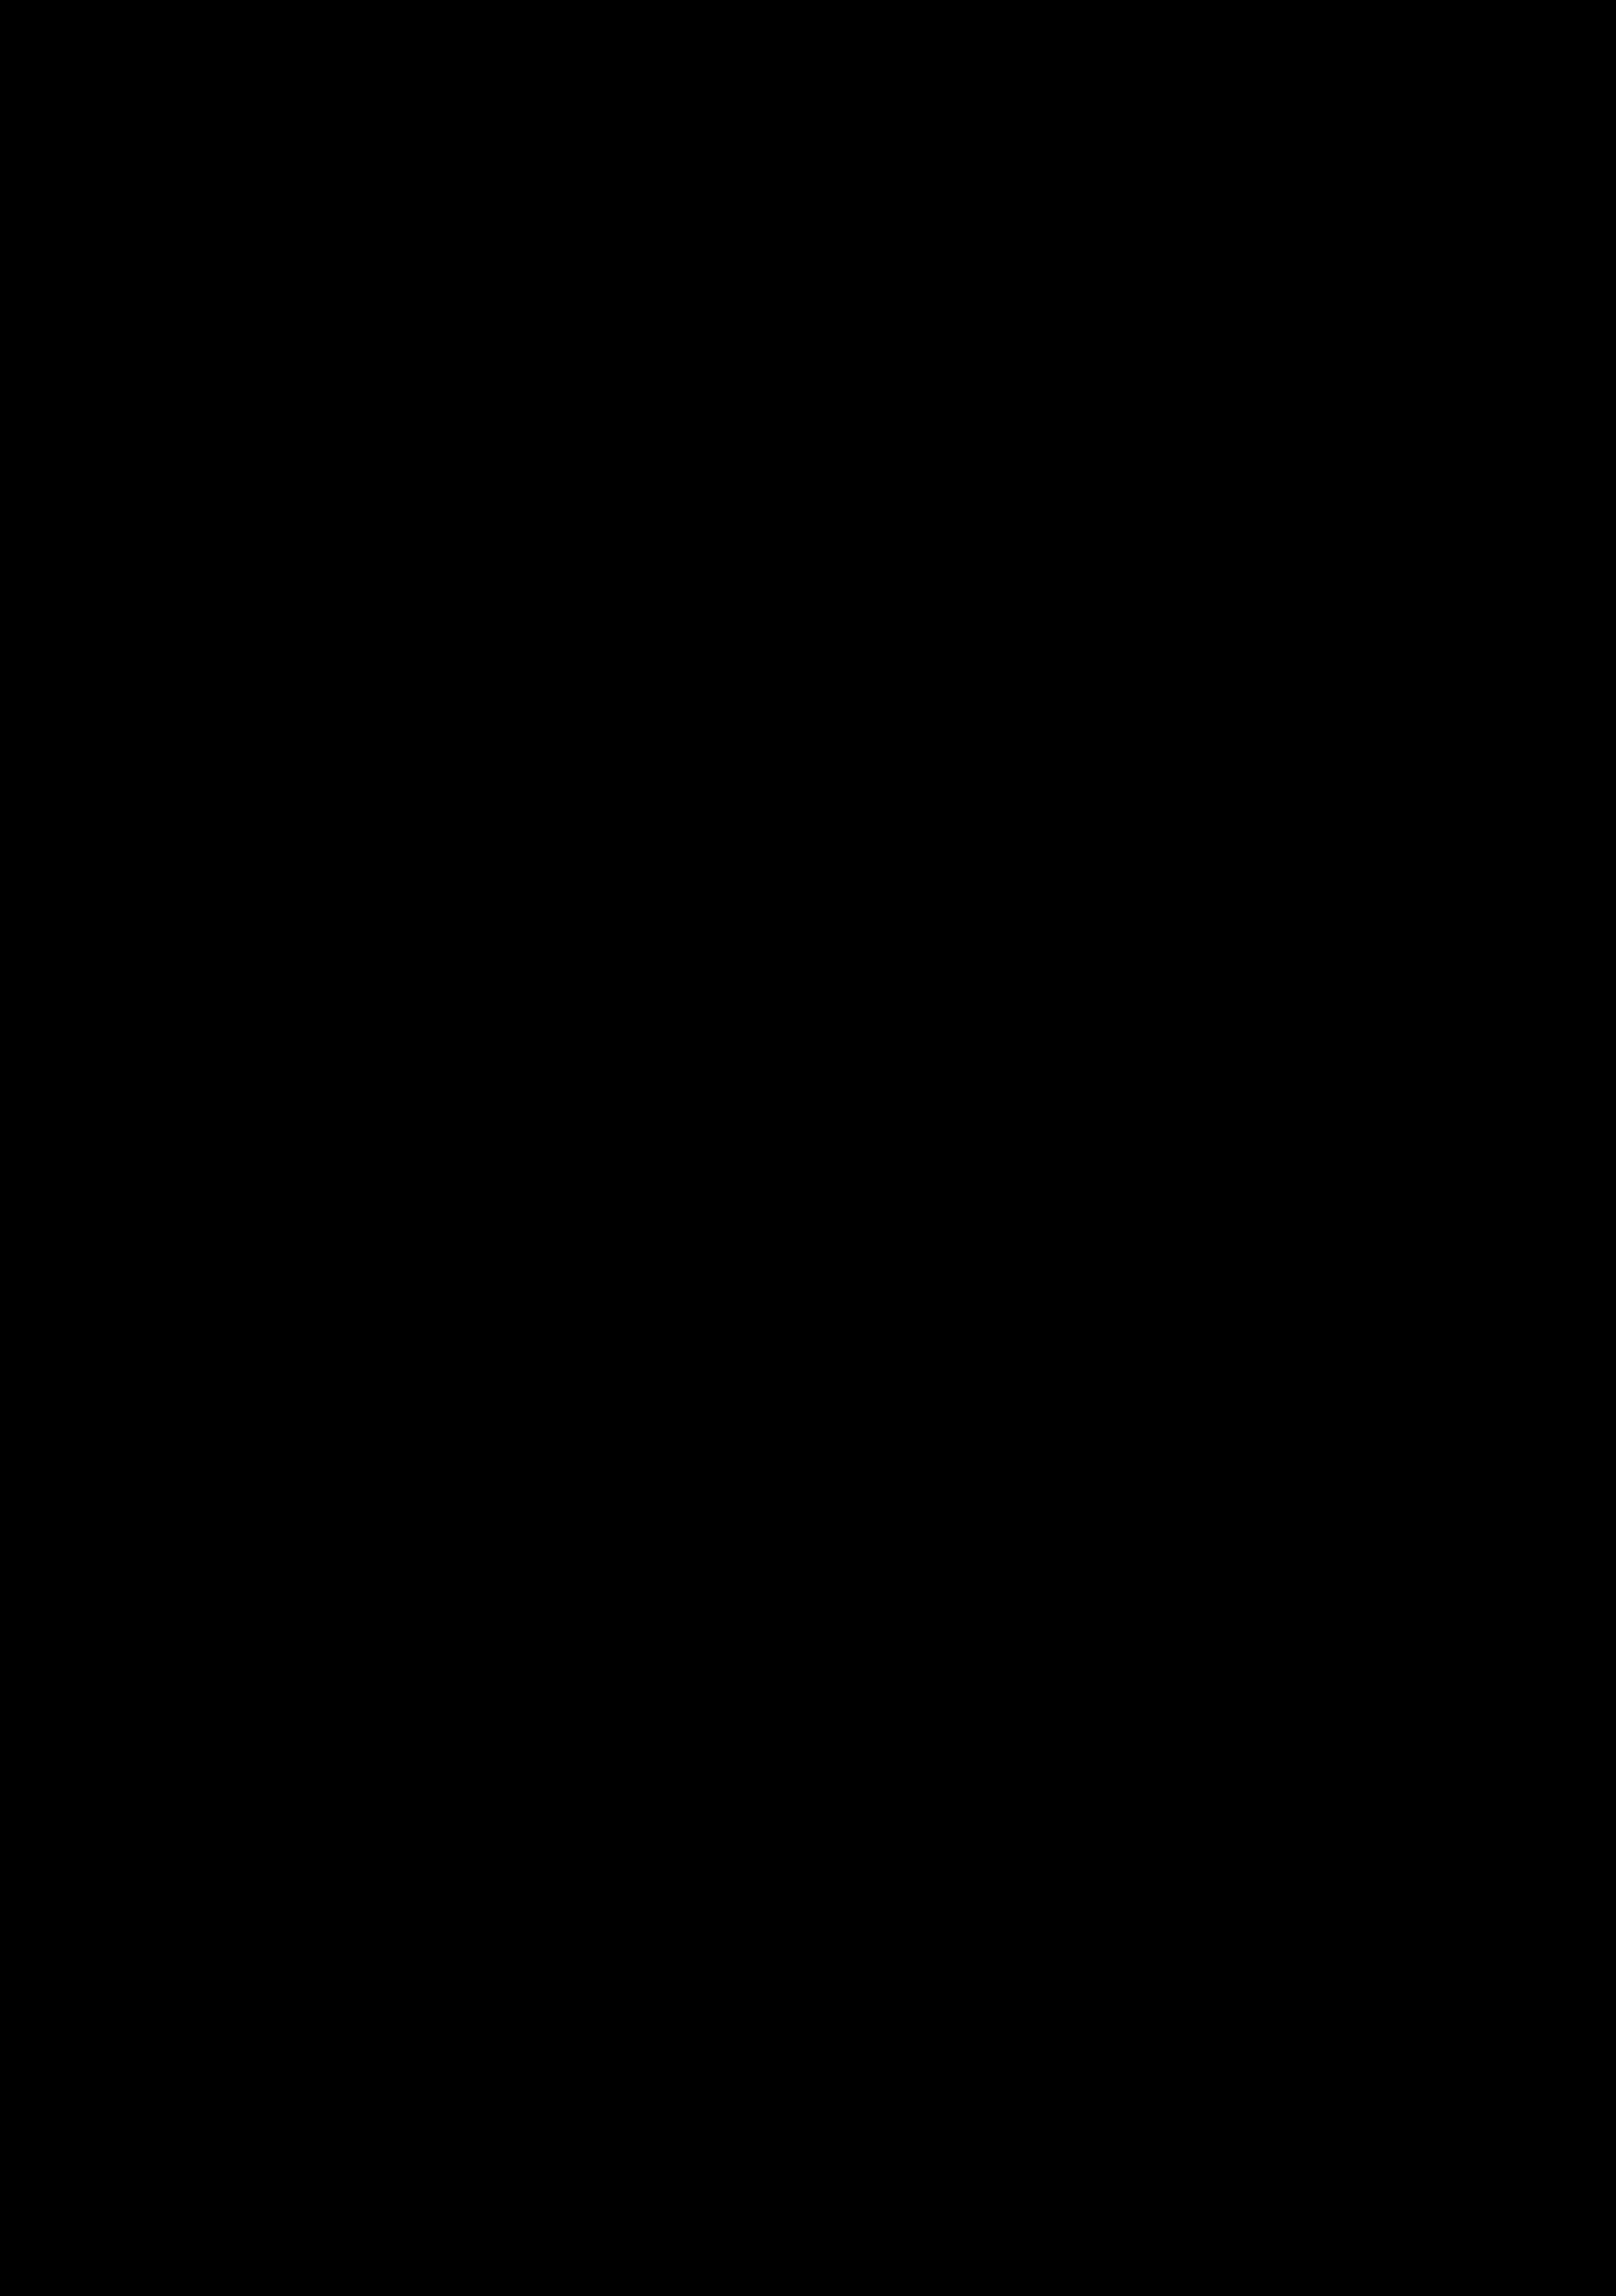 des personnages de dessins anim u00e9s des affiches de fond dessin personnage le ciel bleu image de